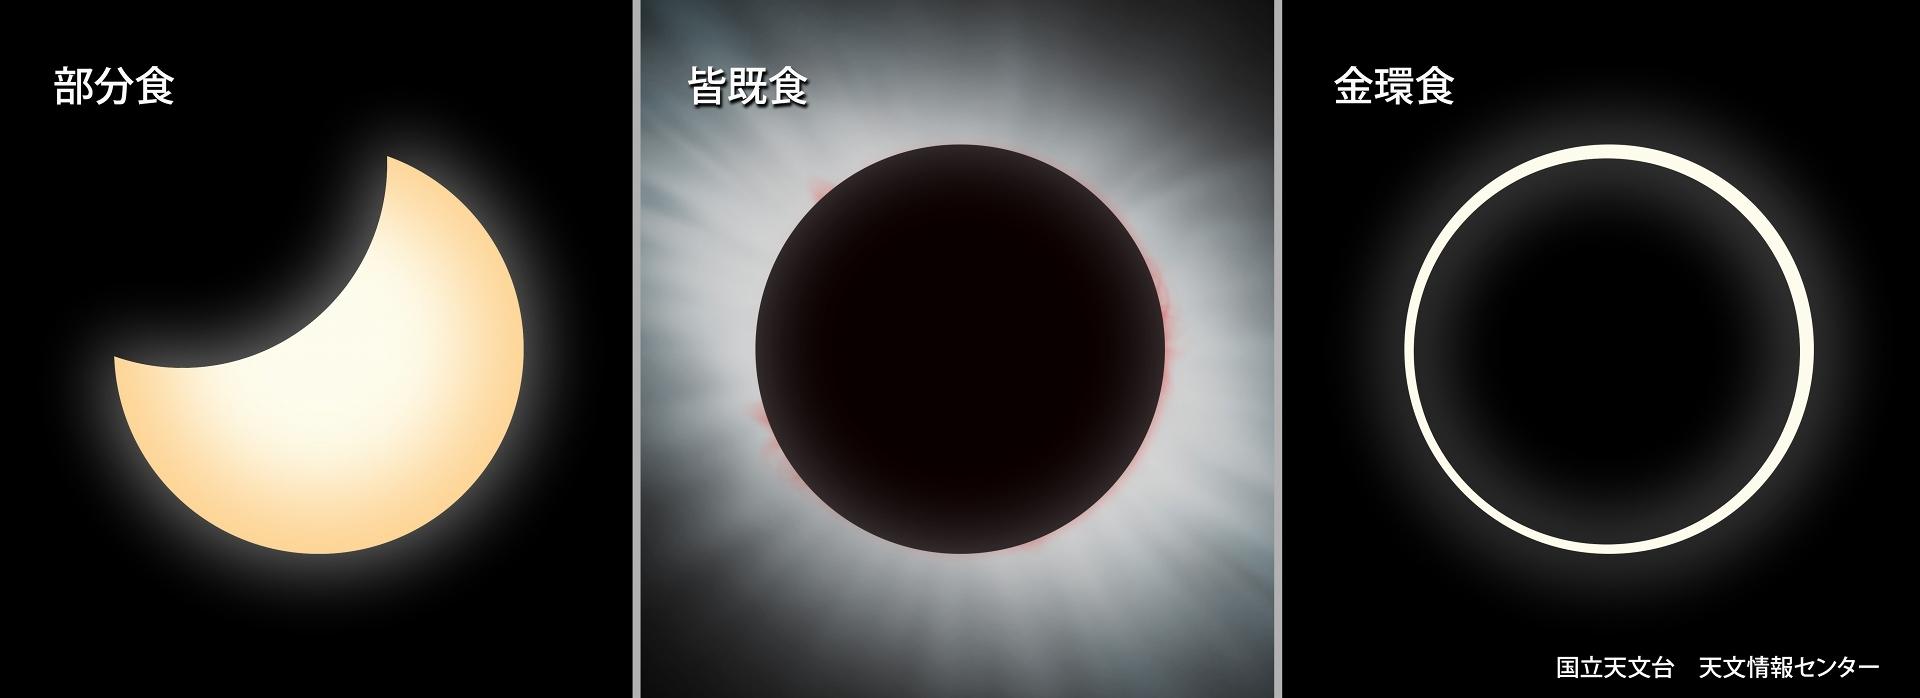 天照大御神  【 2019 1/6(日) 】_a0185081_10240728.jpg